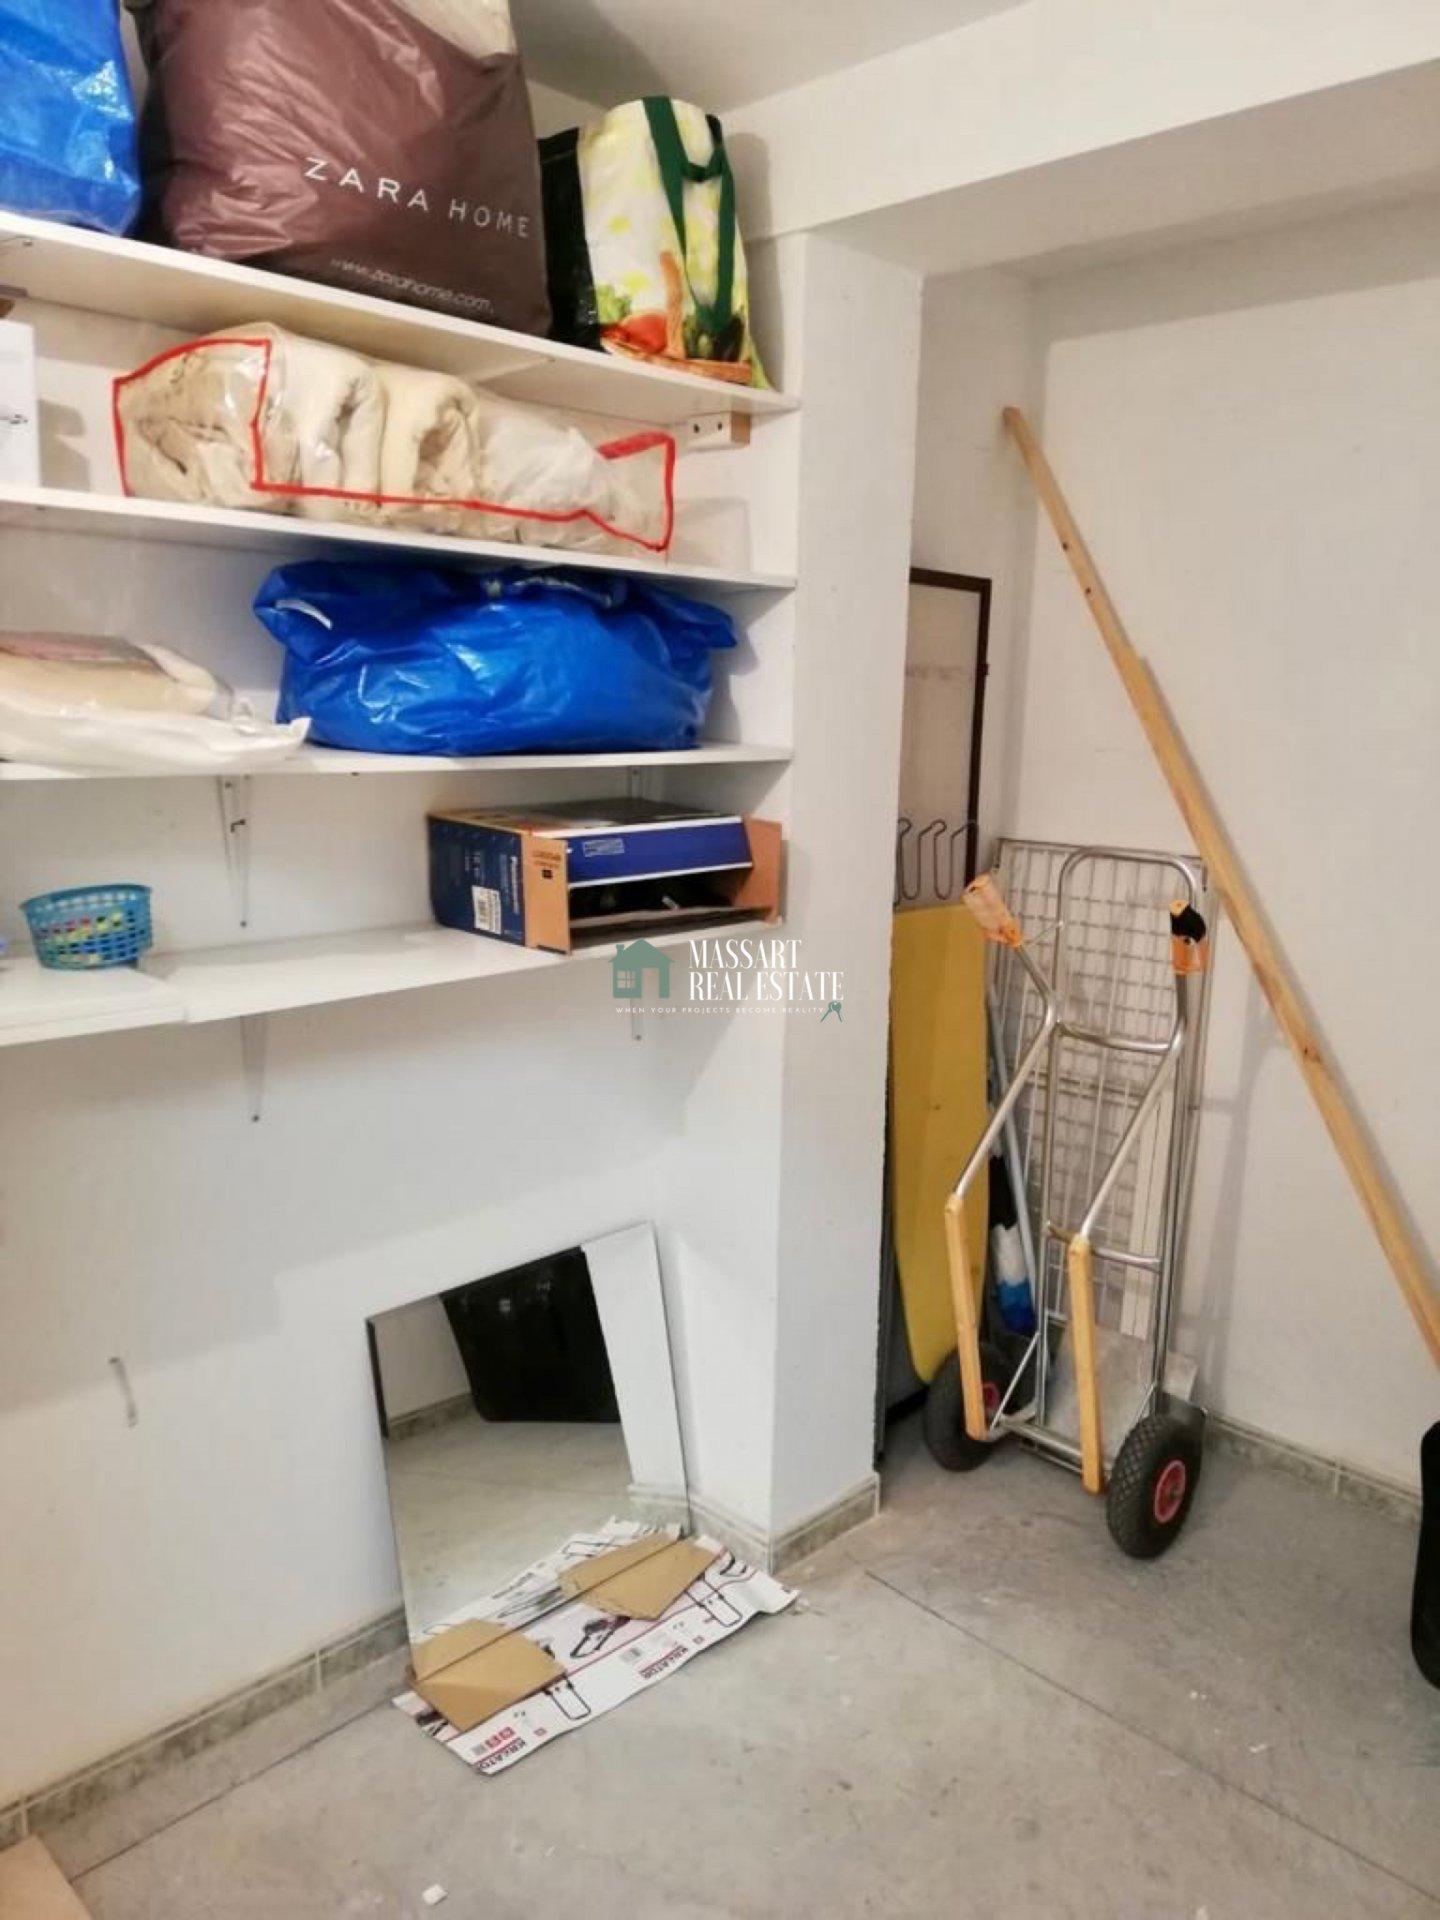 Te huur in de prestigieuze wijk Fañabé, gemeubileerd appartement van 65 m2, gekenmerkt door zijn goede staat van instandhouding.